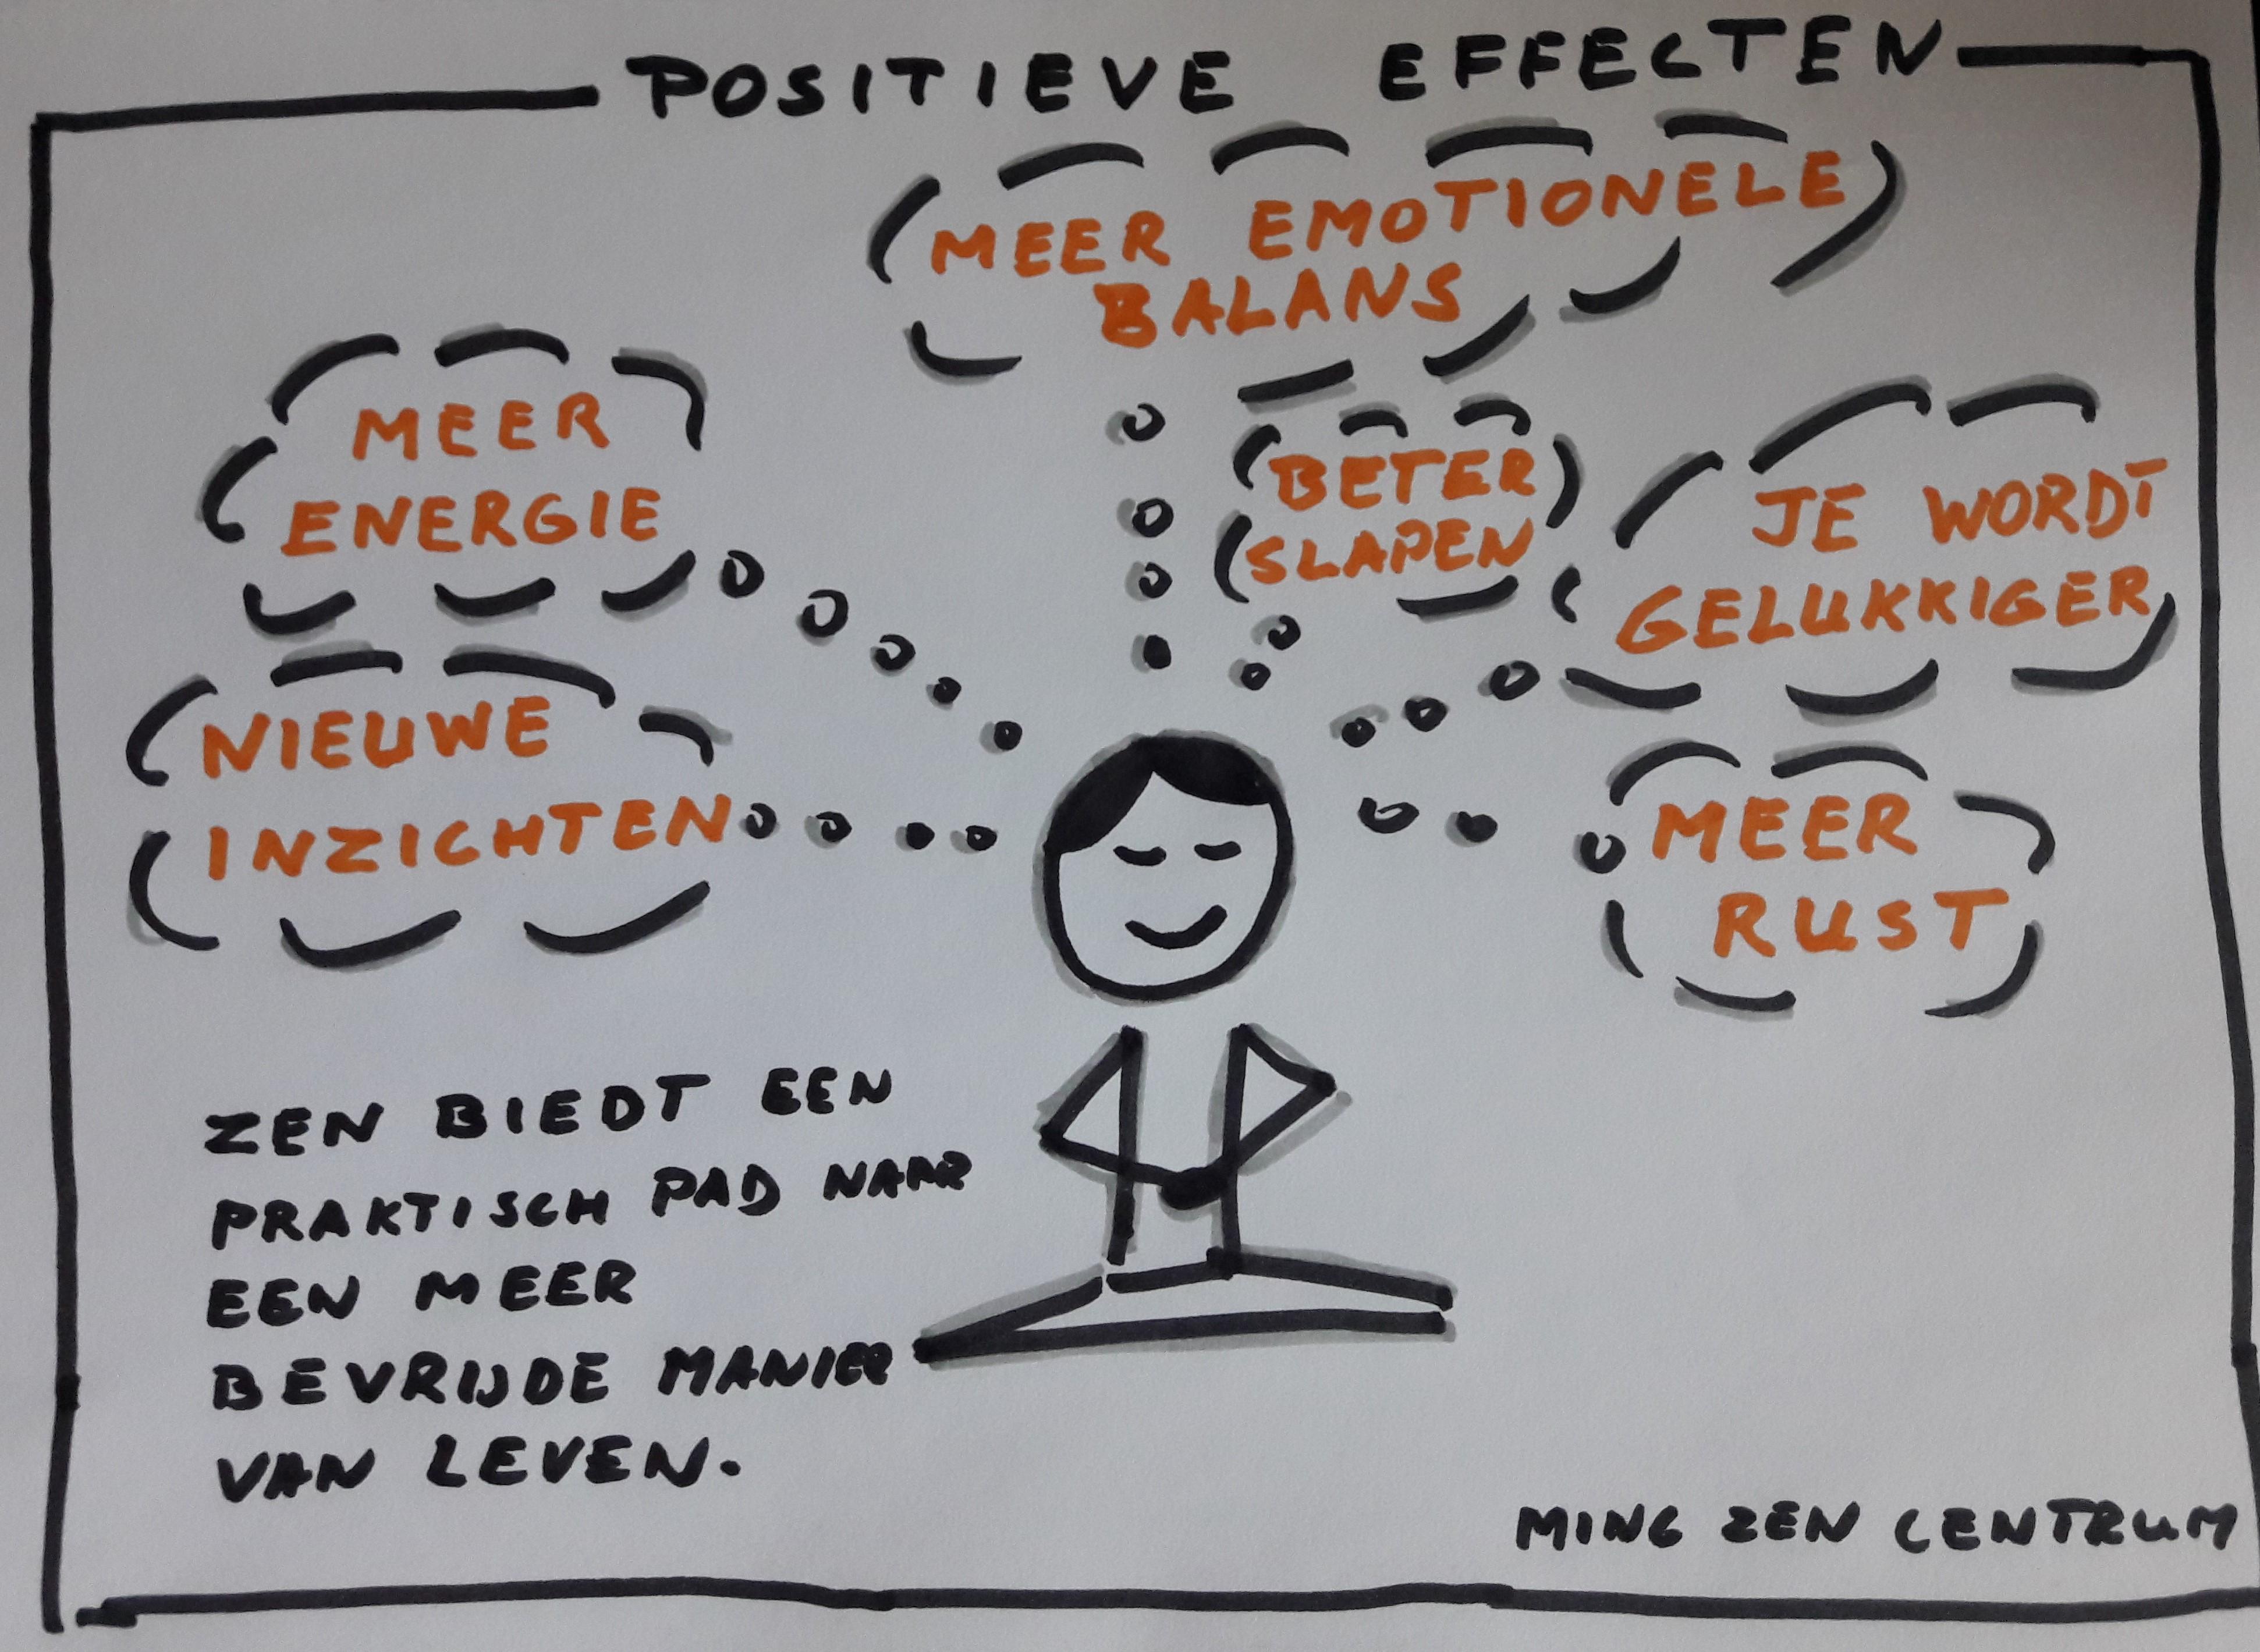 voordelen zen meditatie